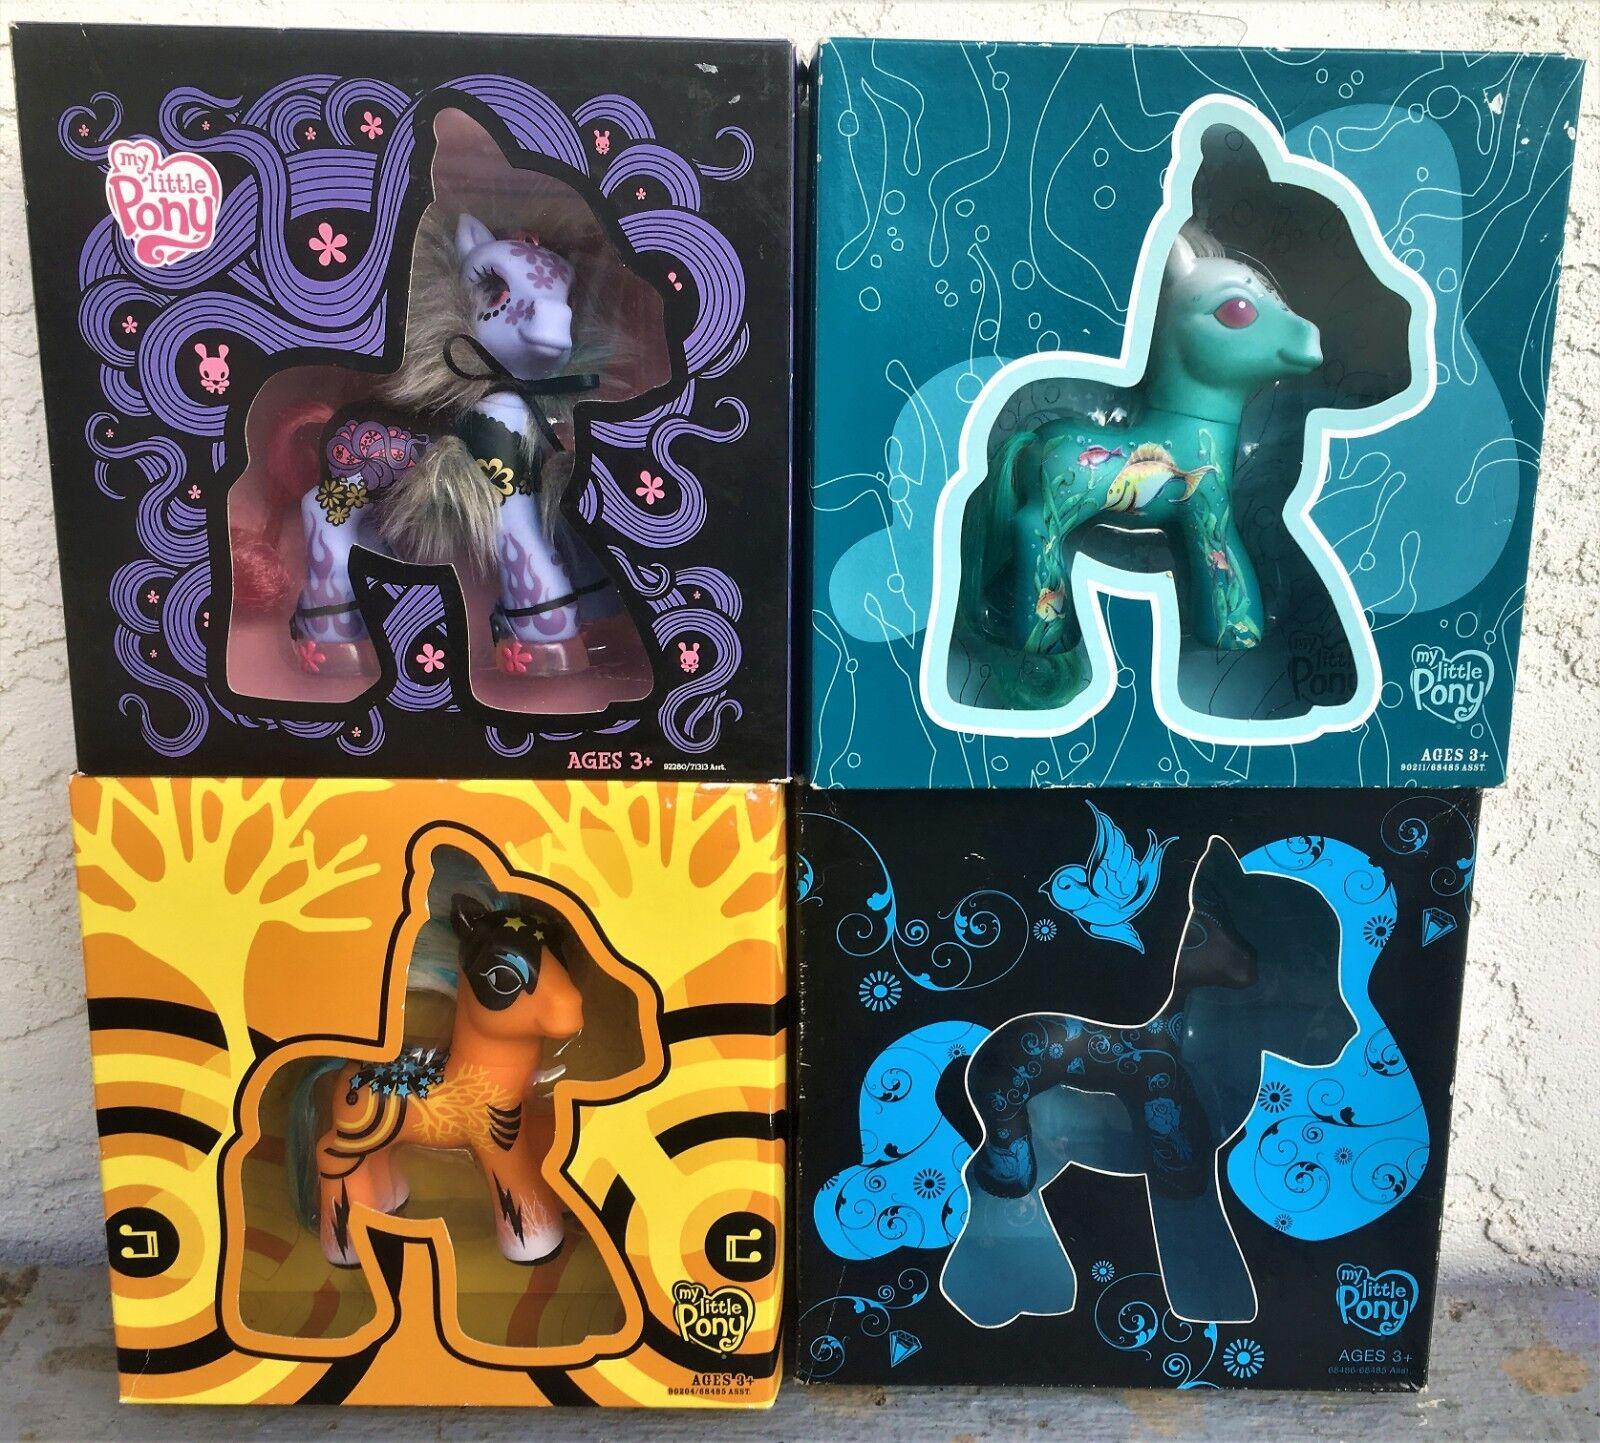 2008 Mattel Meine Meine Meine Little Pretty Ponys - Set 4 - Selten - Brandneu - Neu b1ab7d